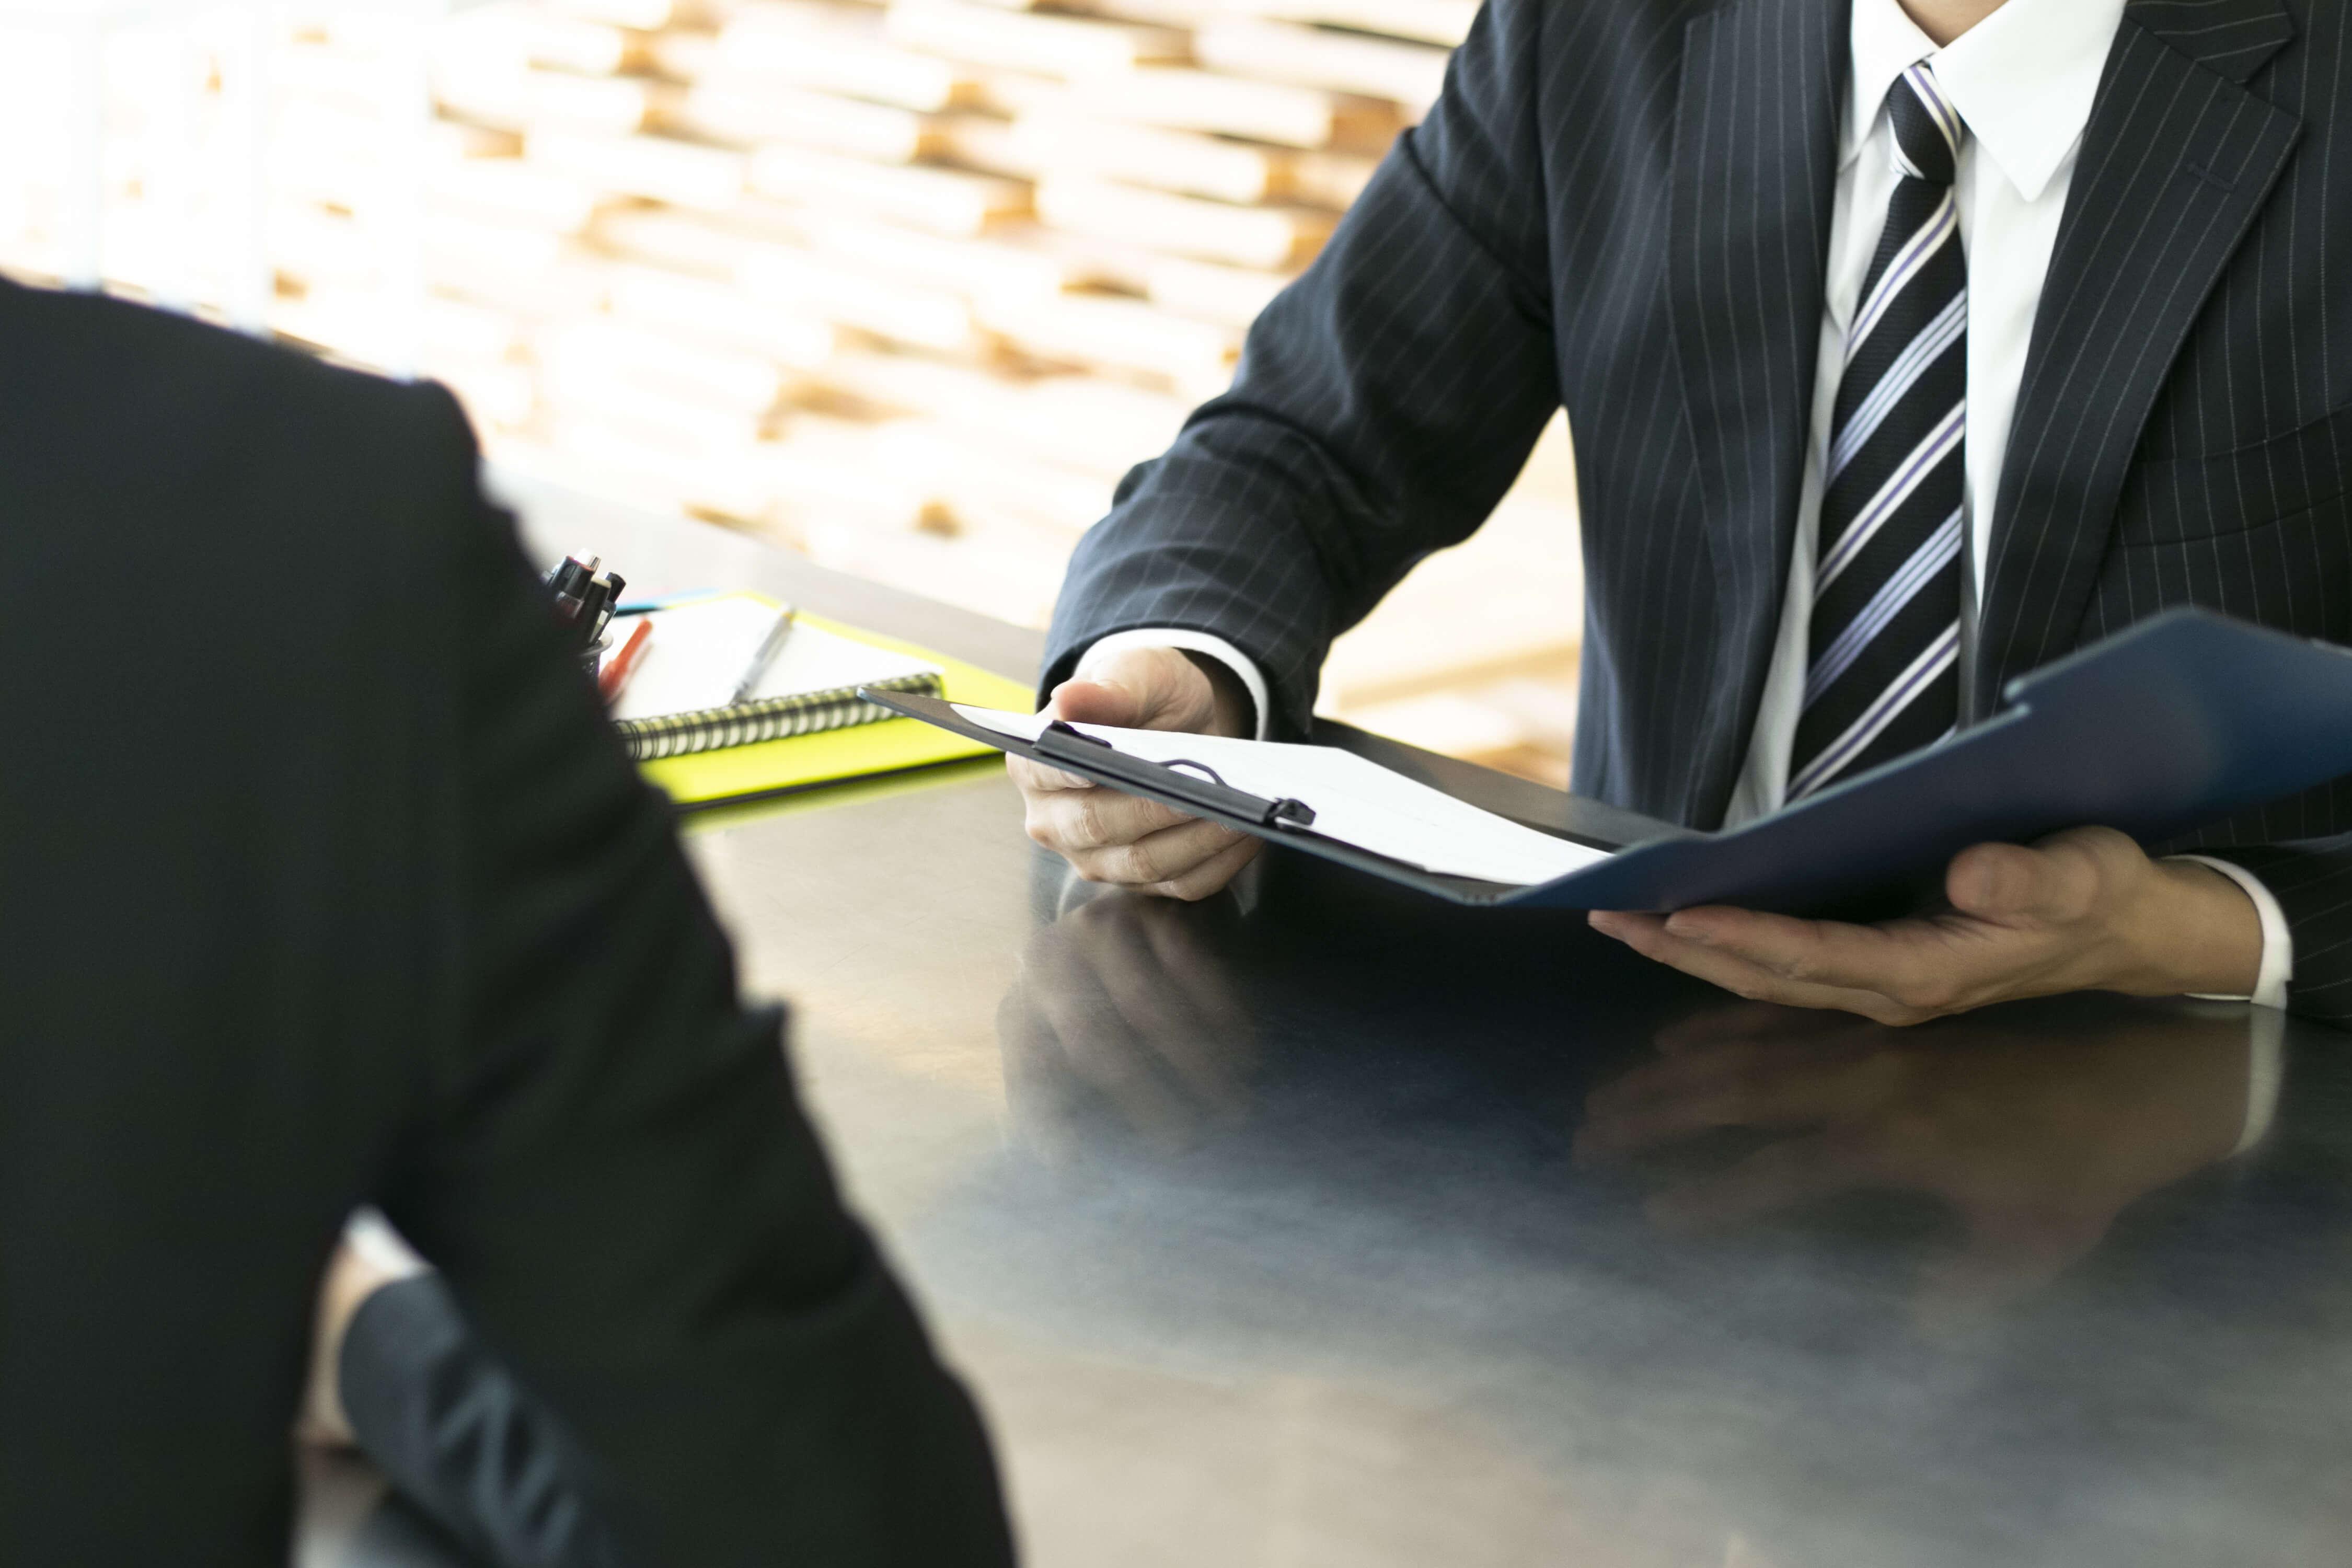 ドラッカーのマネジメントとは?組織の活性化に欠かせないマネジメント手法を解説